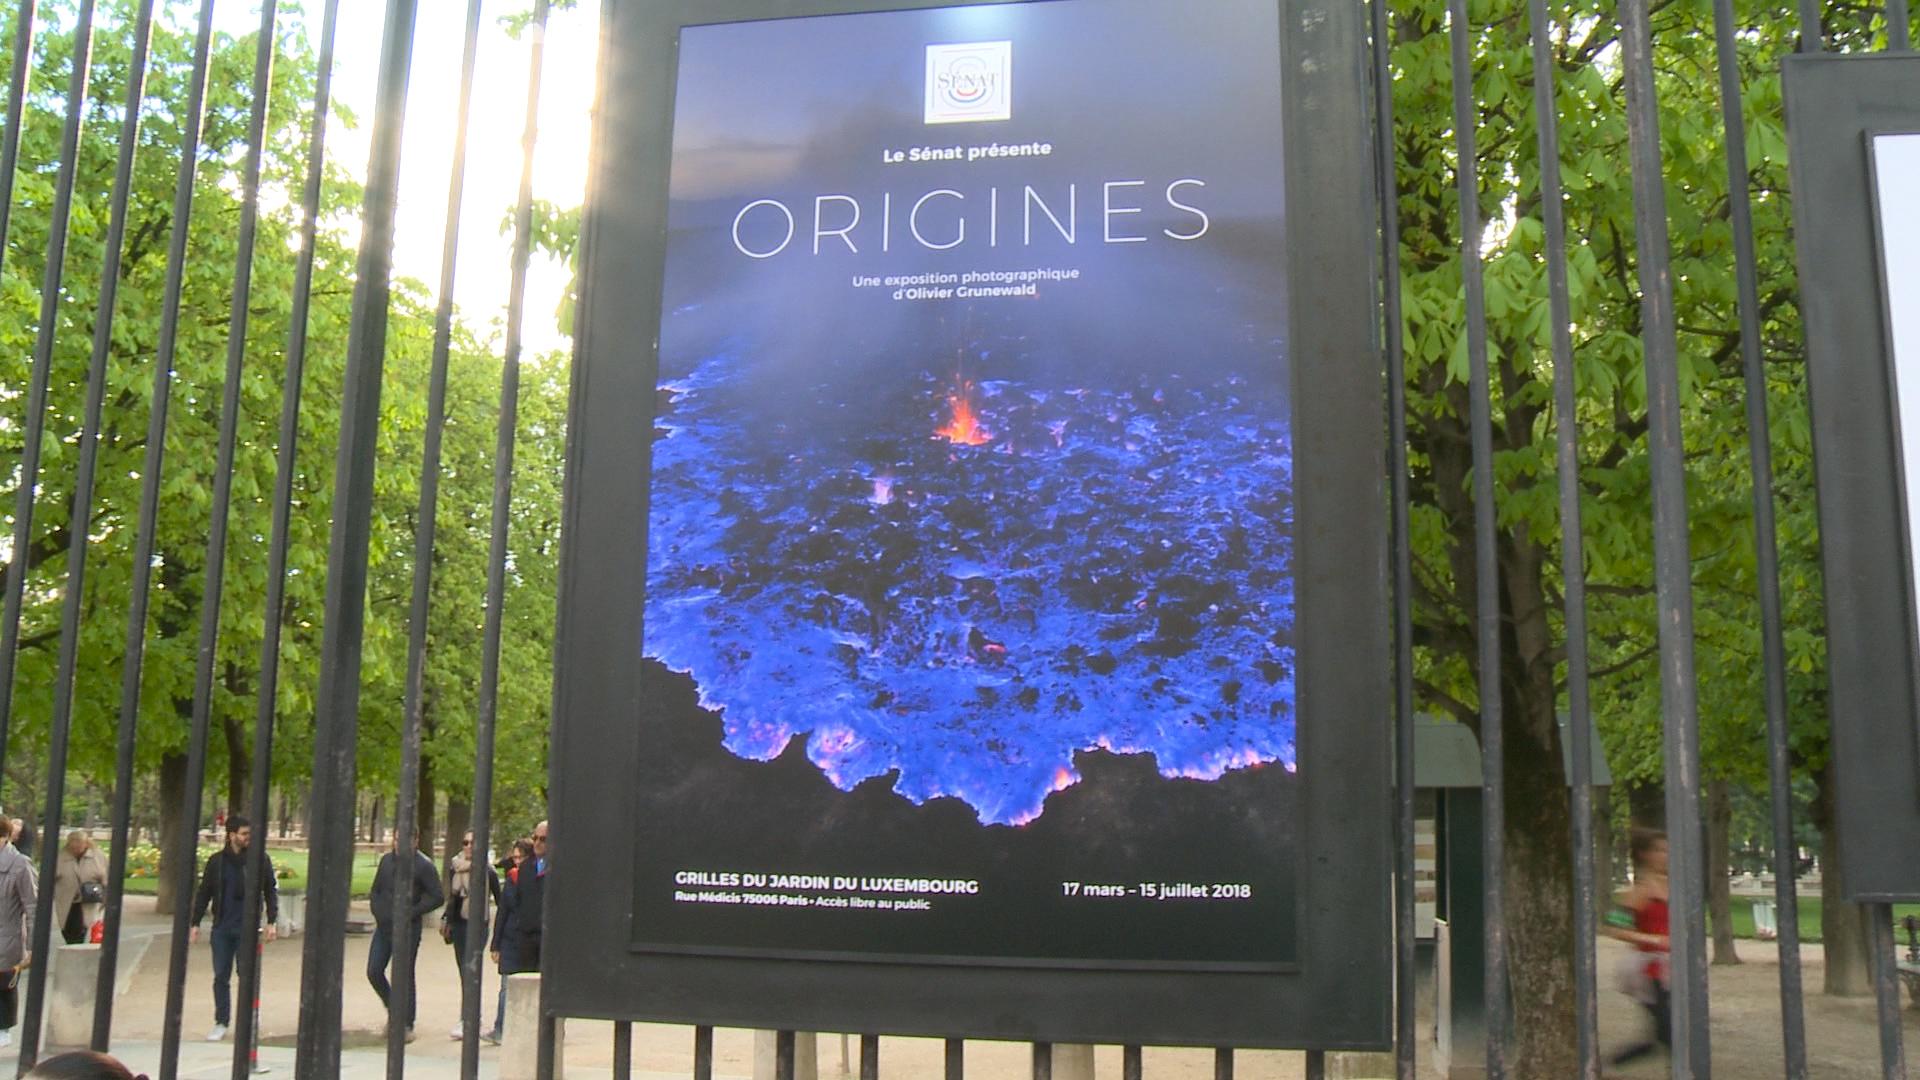 Grilles Du Jardin Du Luxembourg Exposition Origines